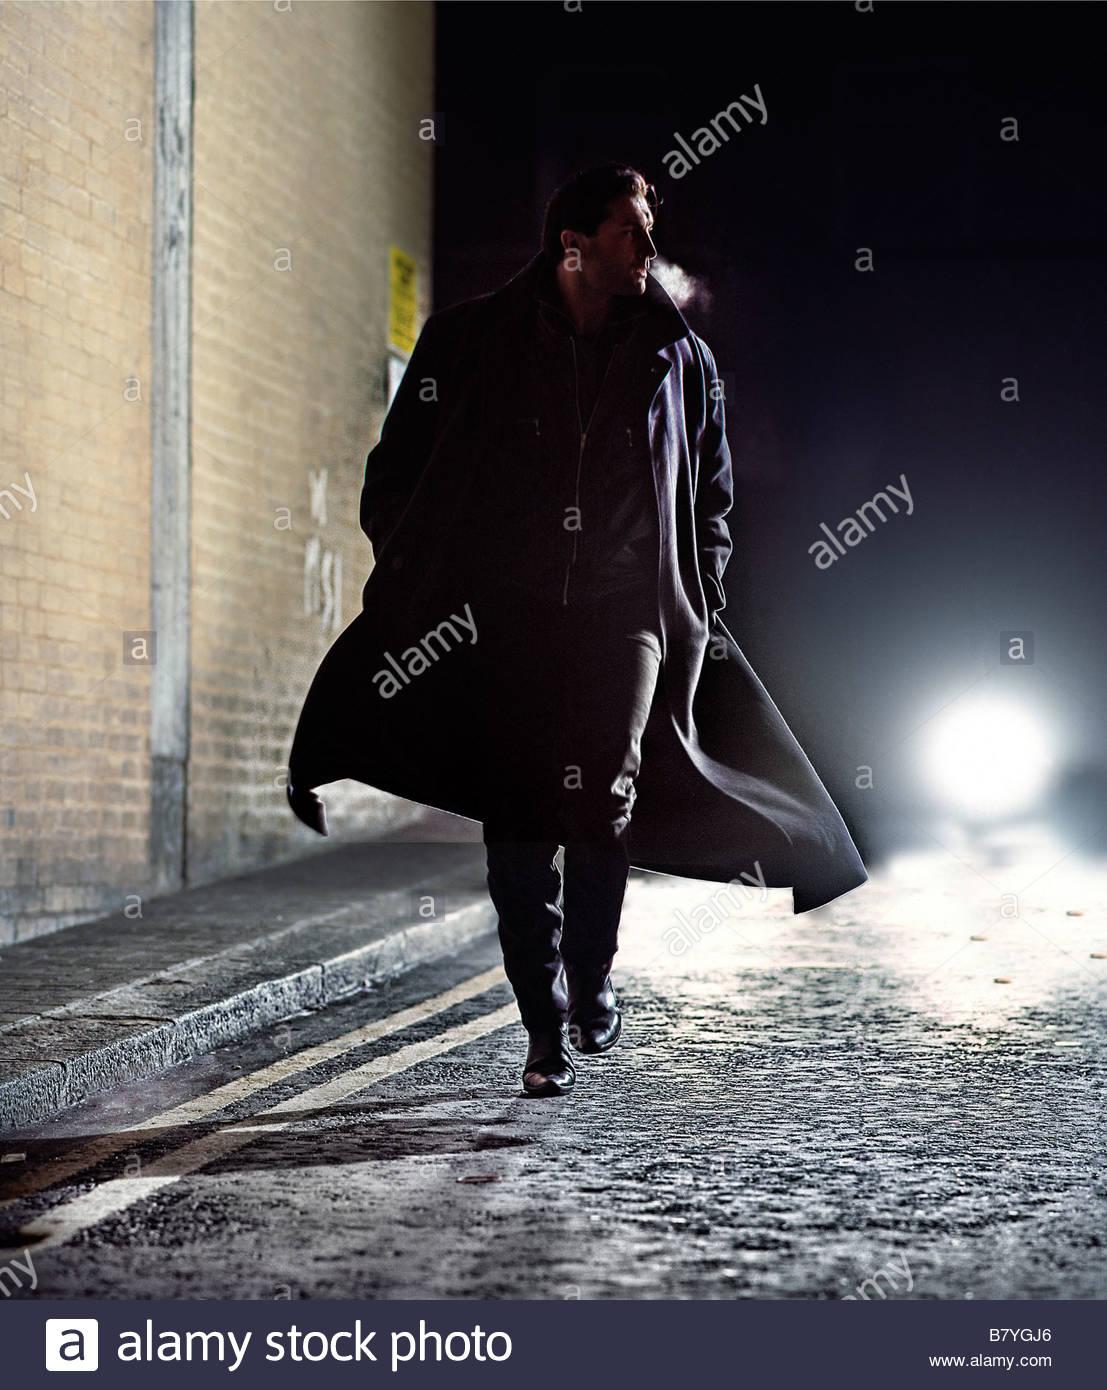 Mann im Mantel Tagfahrlicht Straße in der Nacht - Auto hinter Stockbild